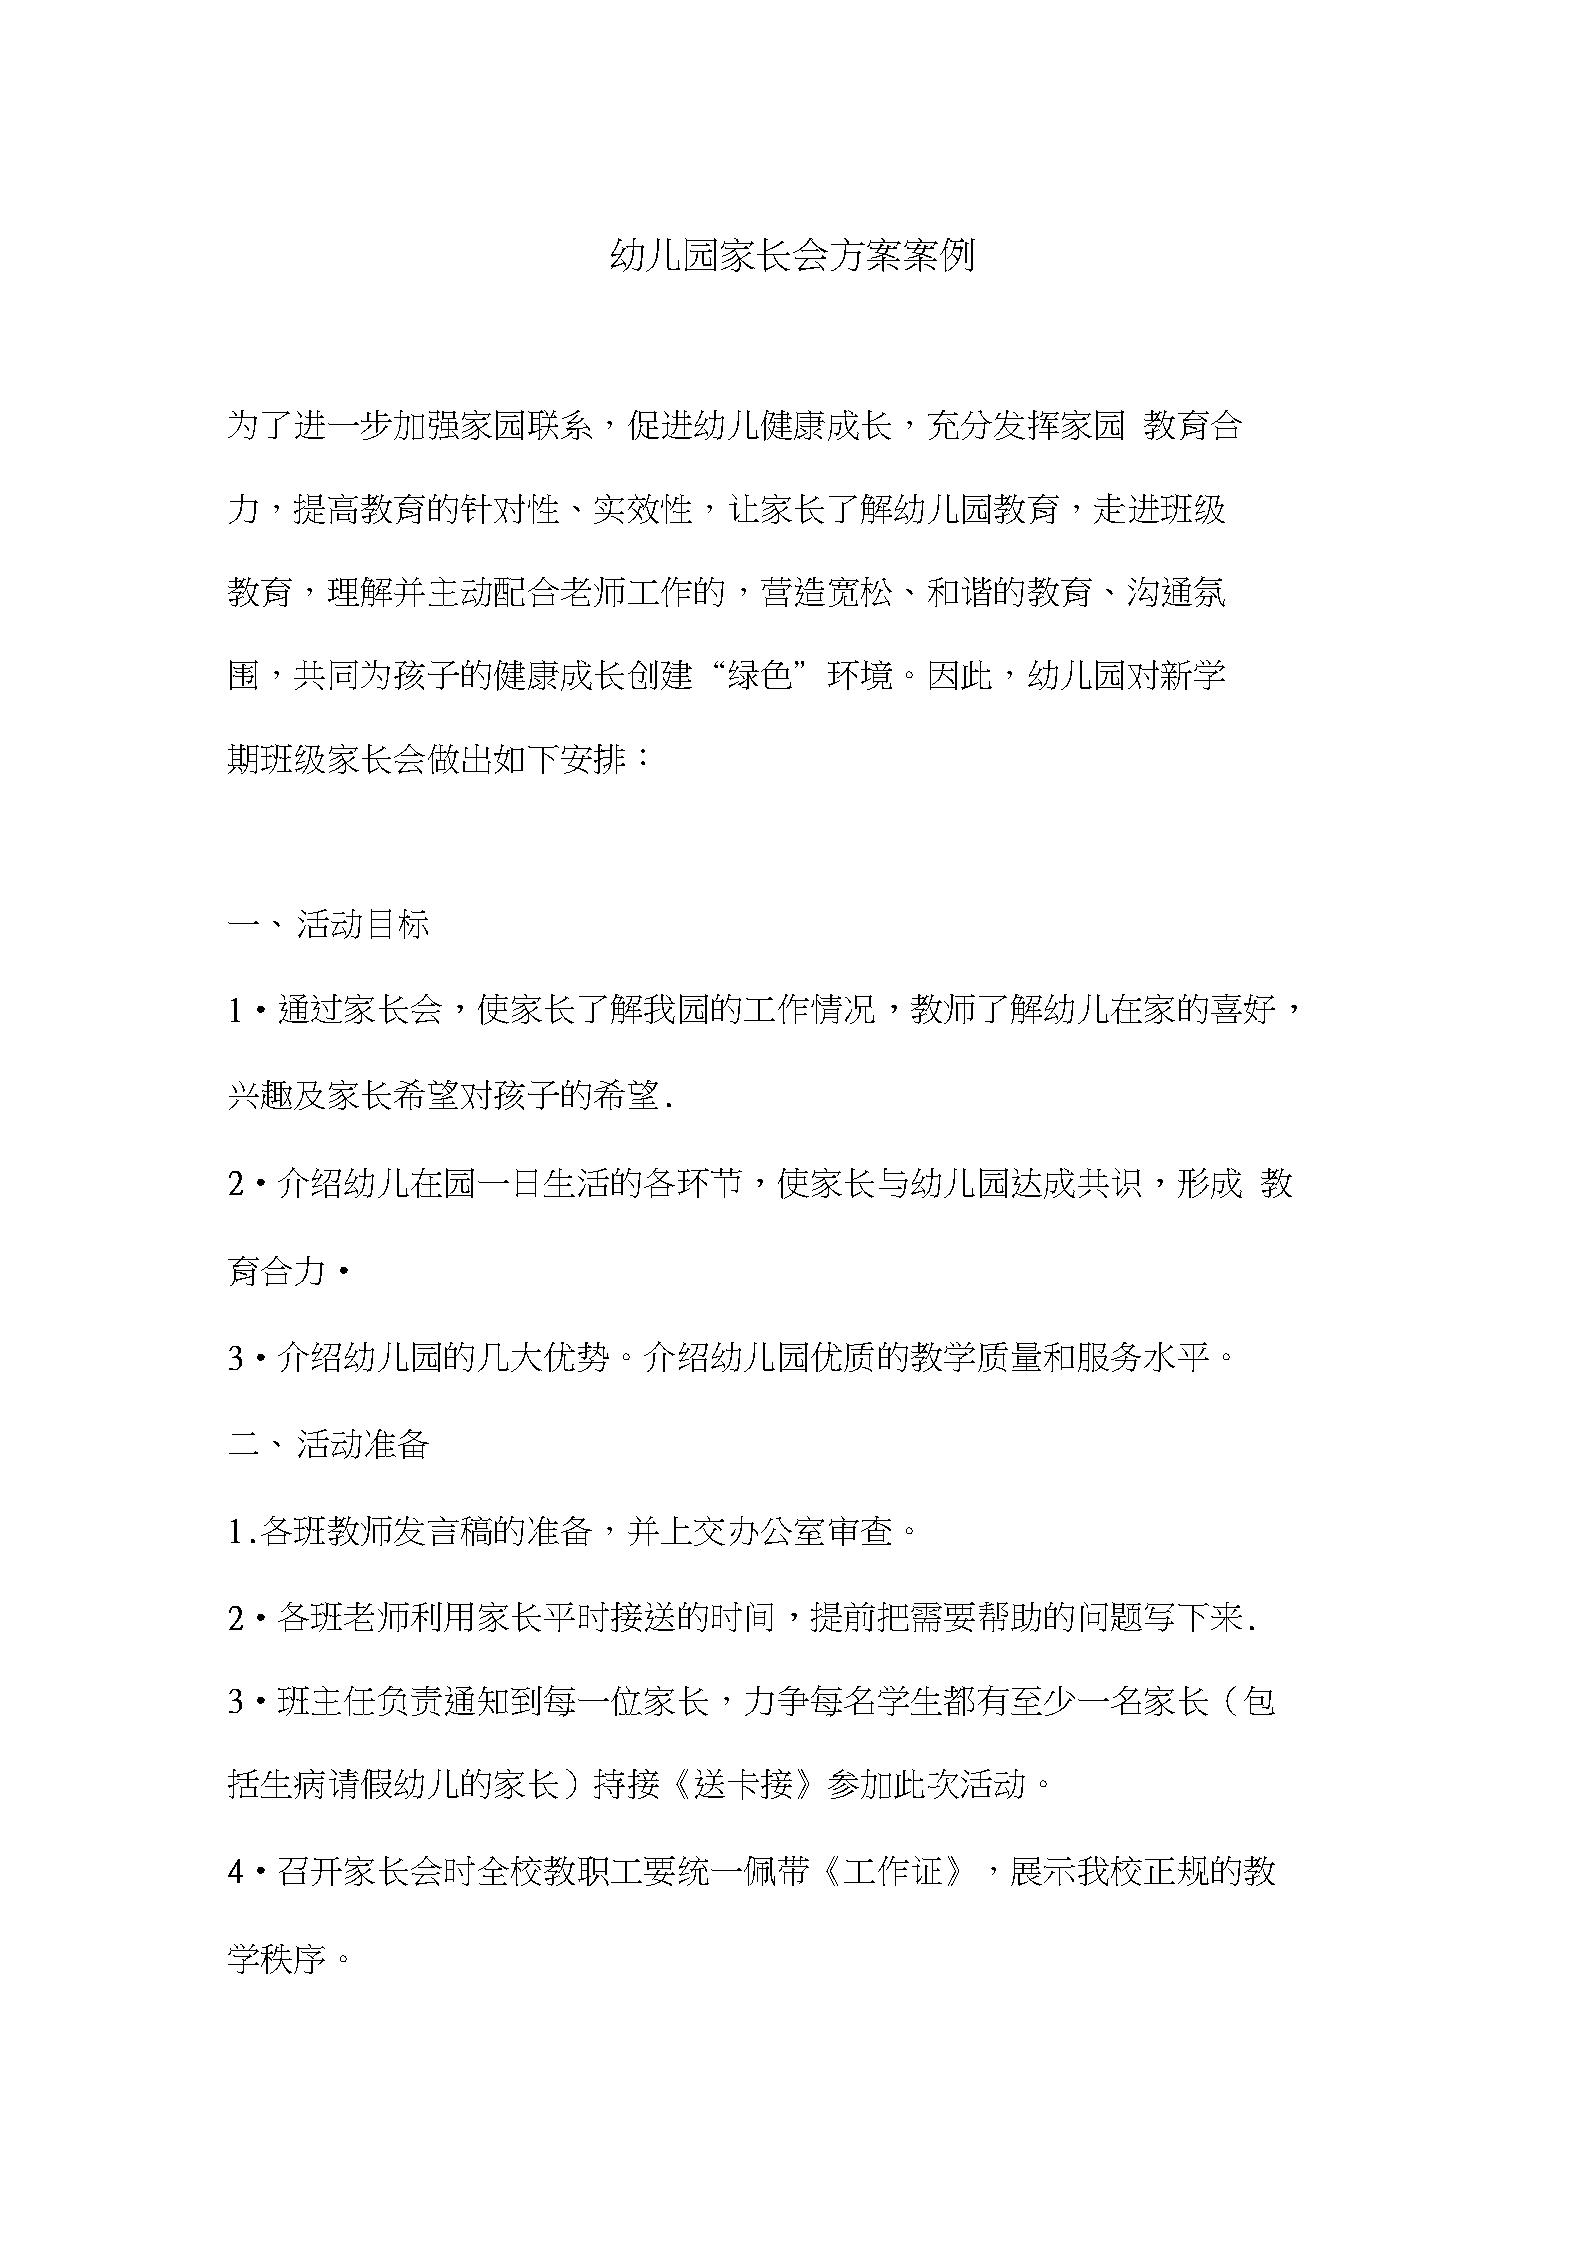 幼儿园家长会方案案例.doc.docx